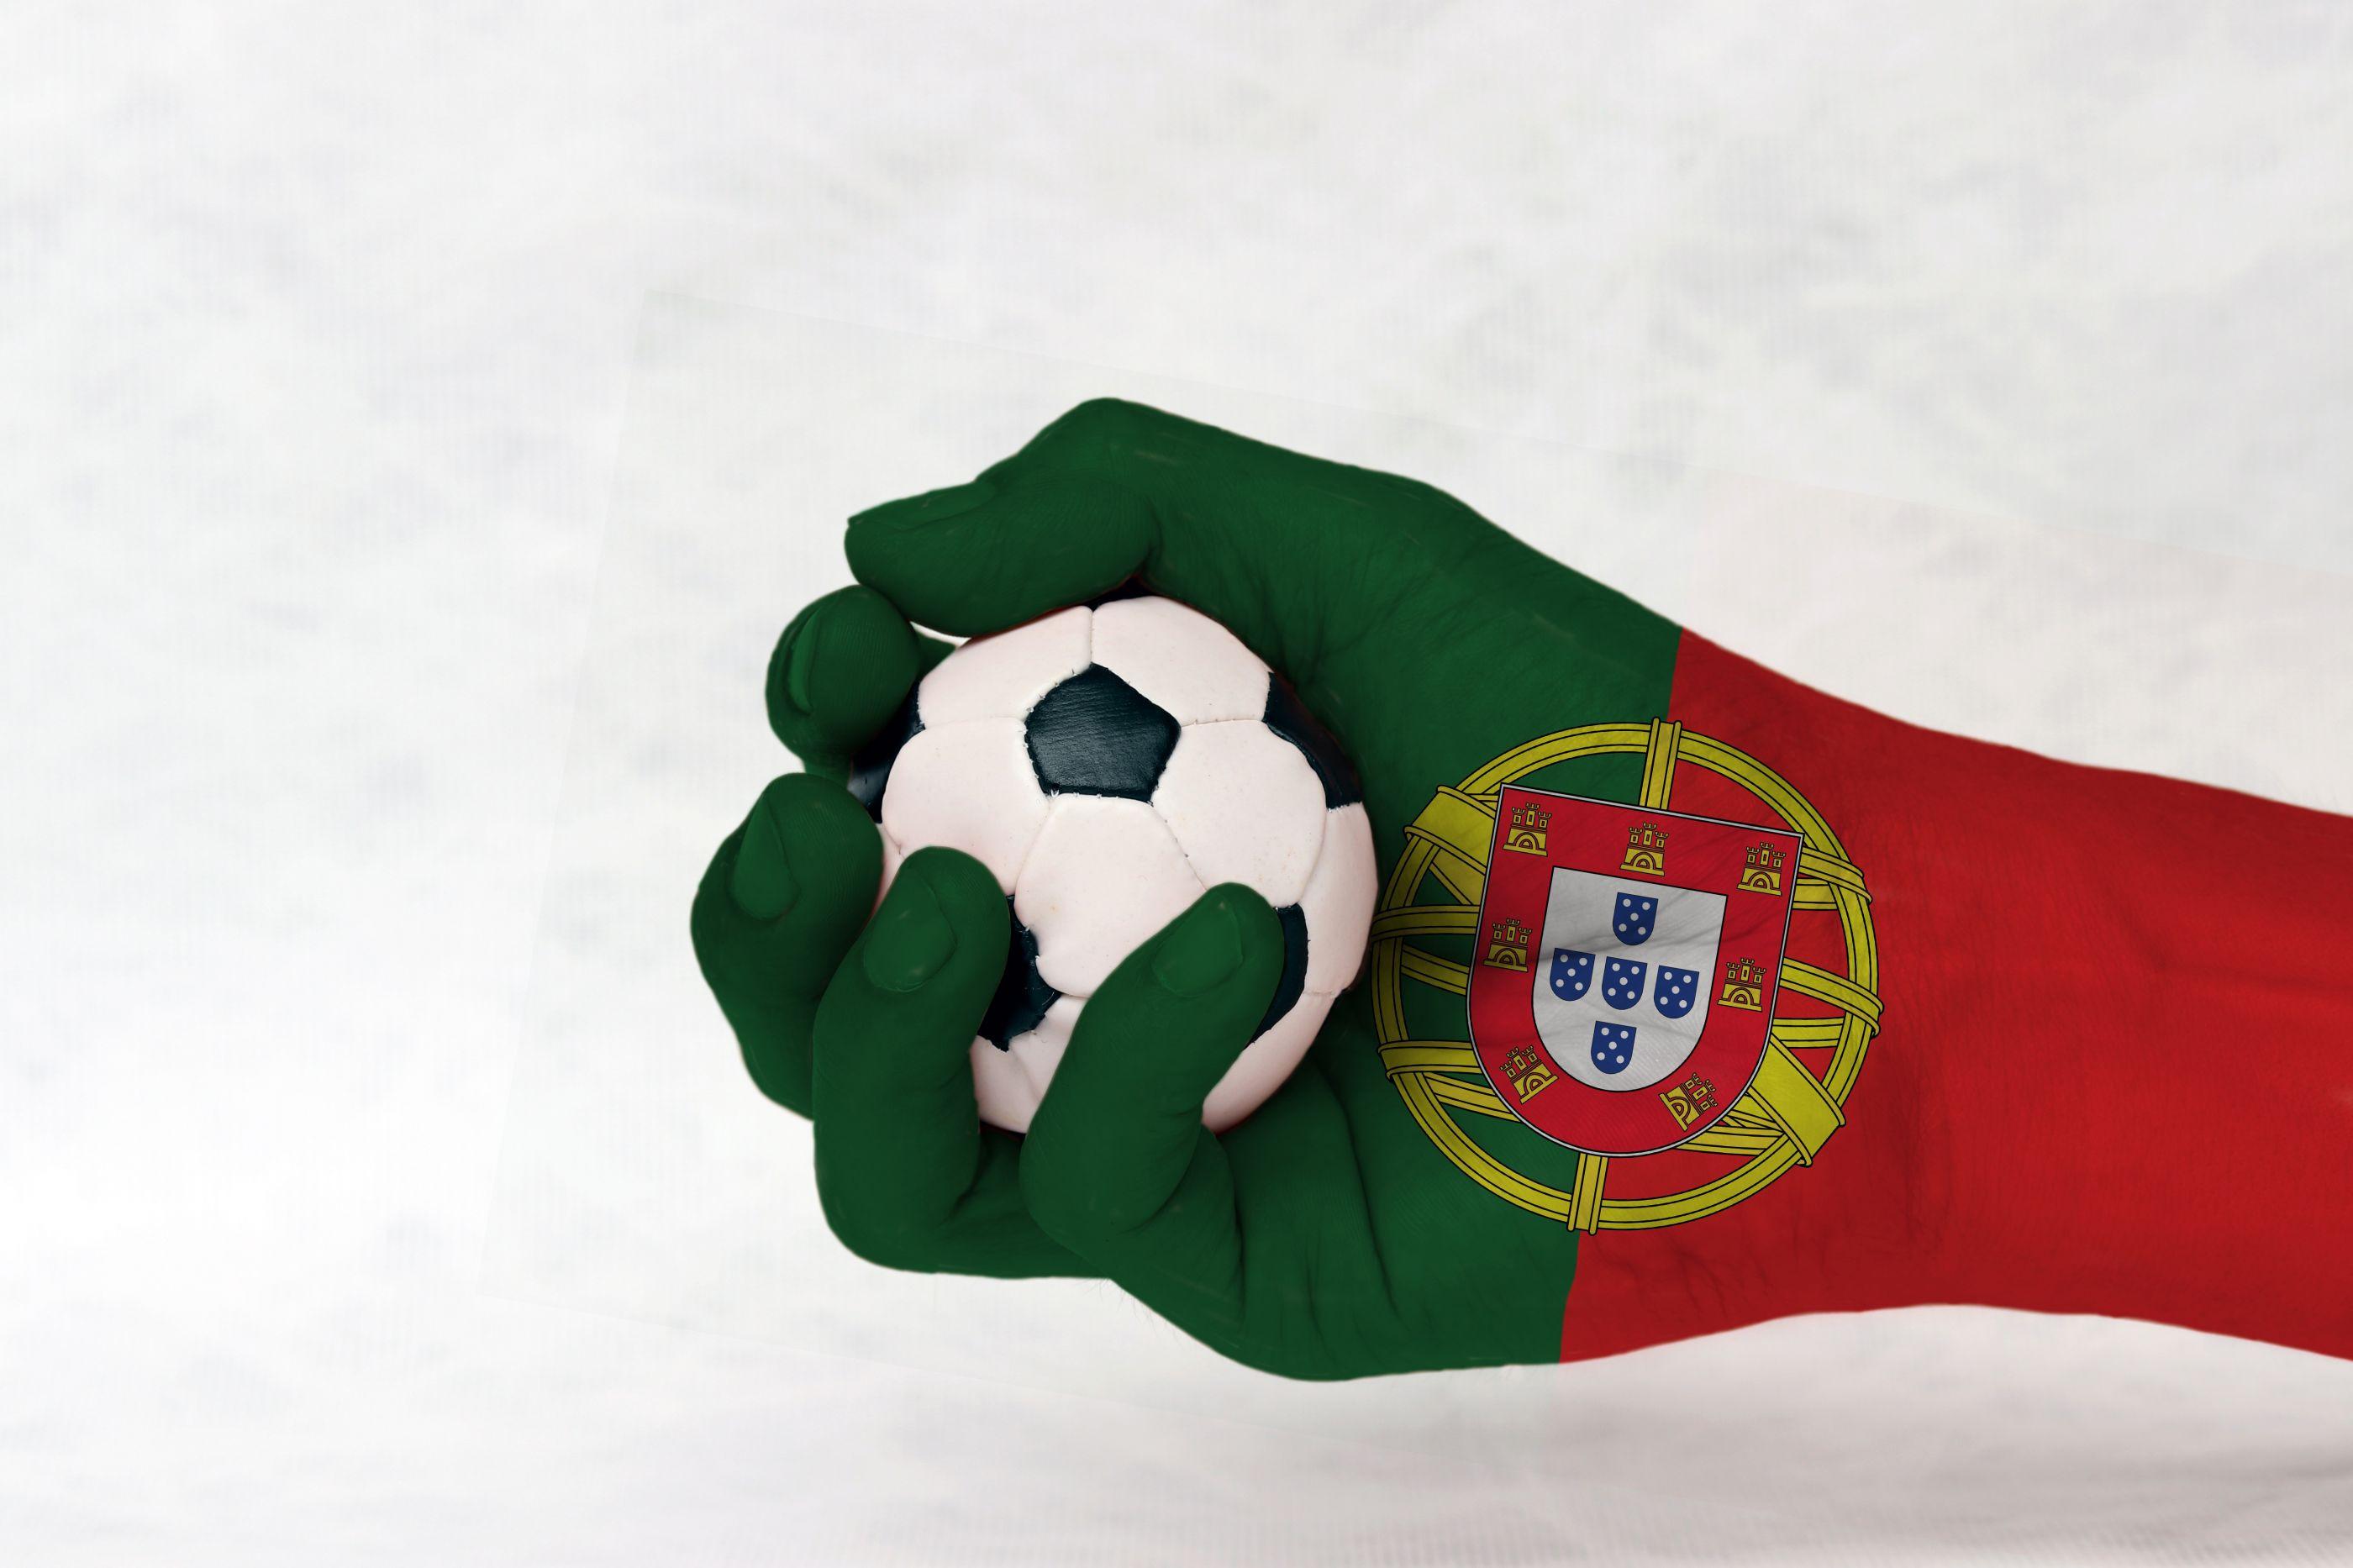 Continente vai vender bilhetes para a Seleção (e com desconto em cartão)